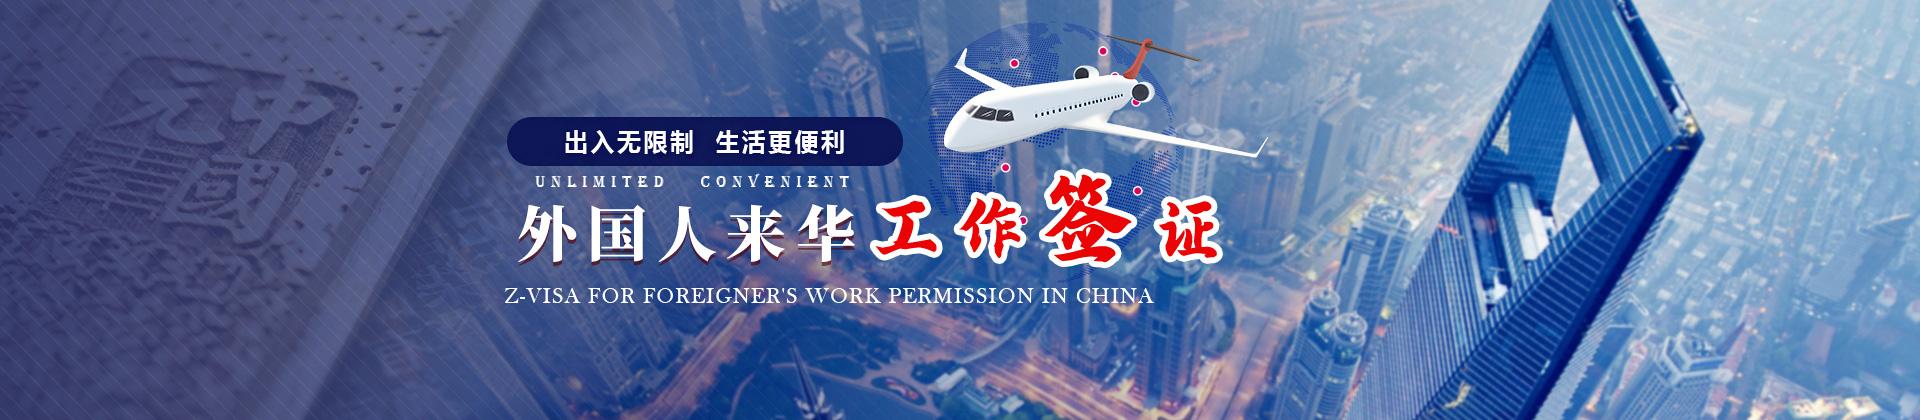 來華簽證中國綠卡